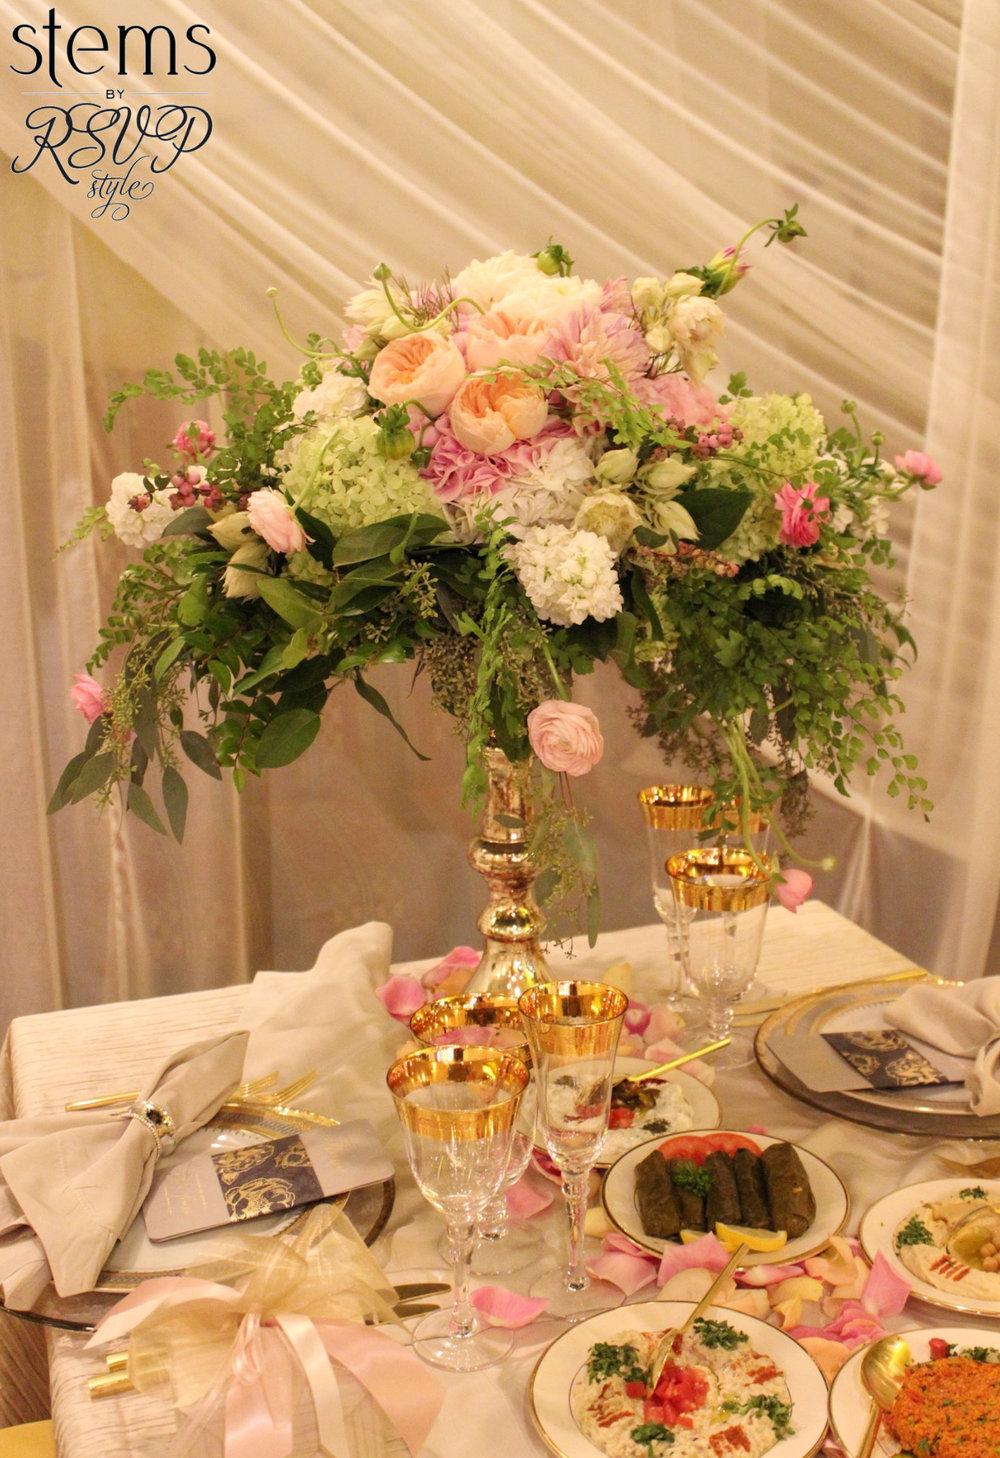 Tablescape & Floral Design